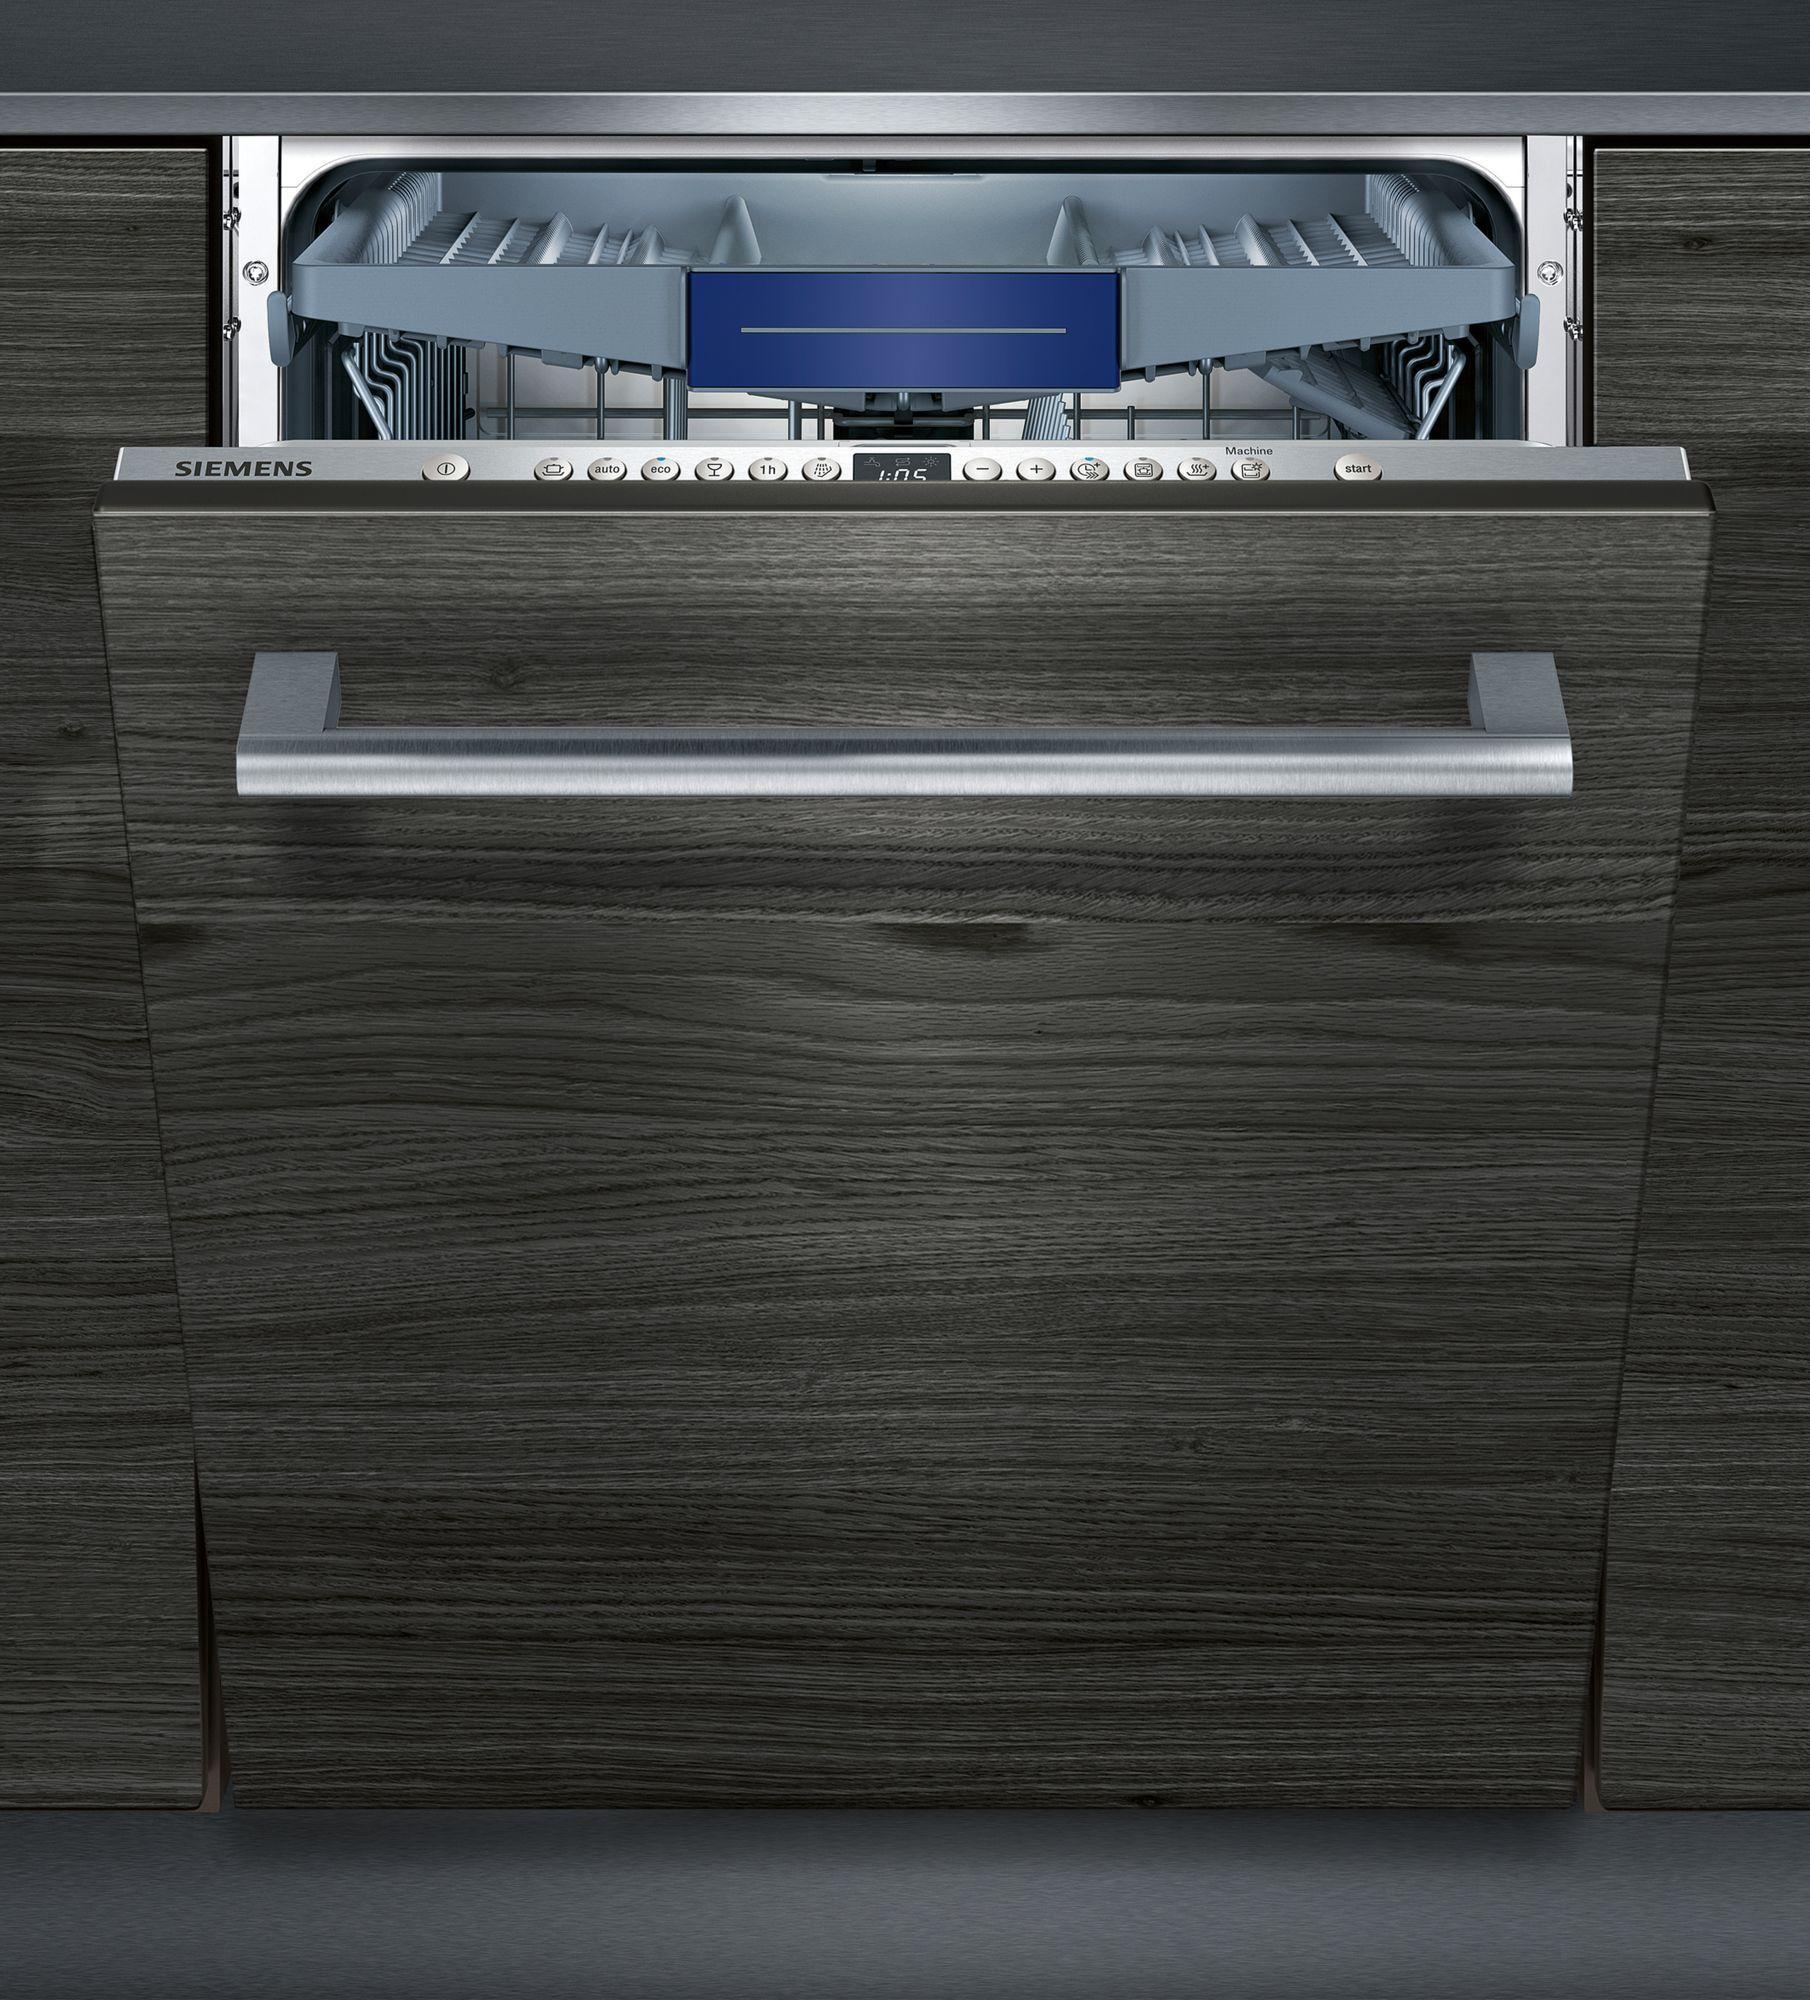 Photo Lave Vaisselle Intégrable Siemens,SN736X19ME